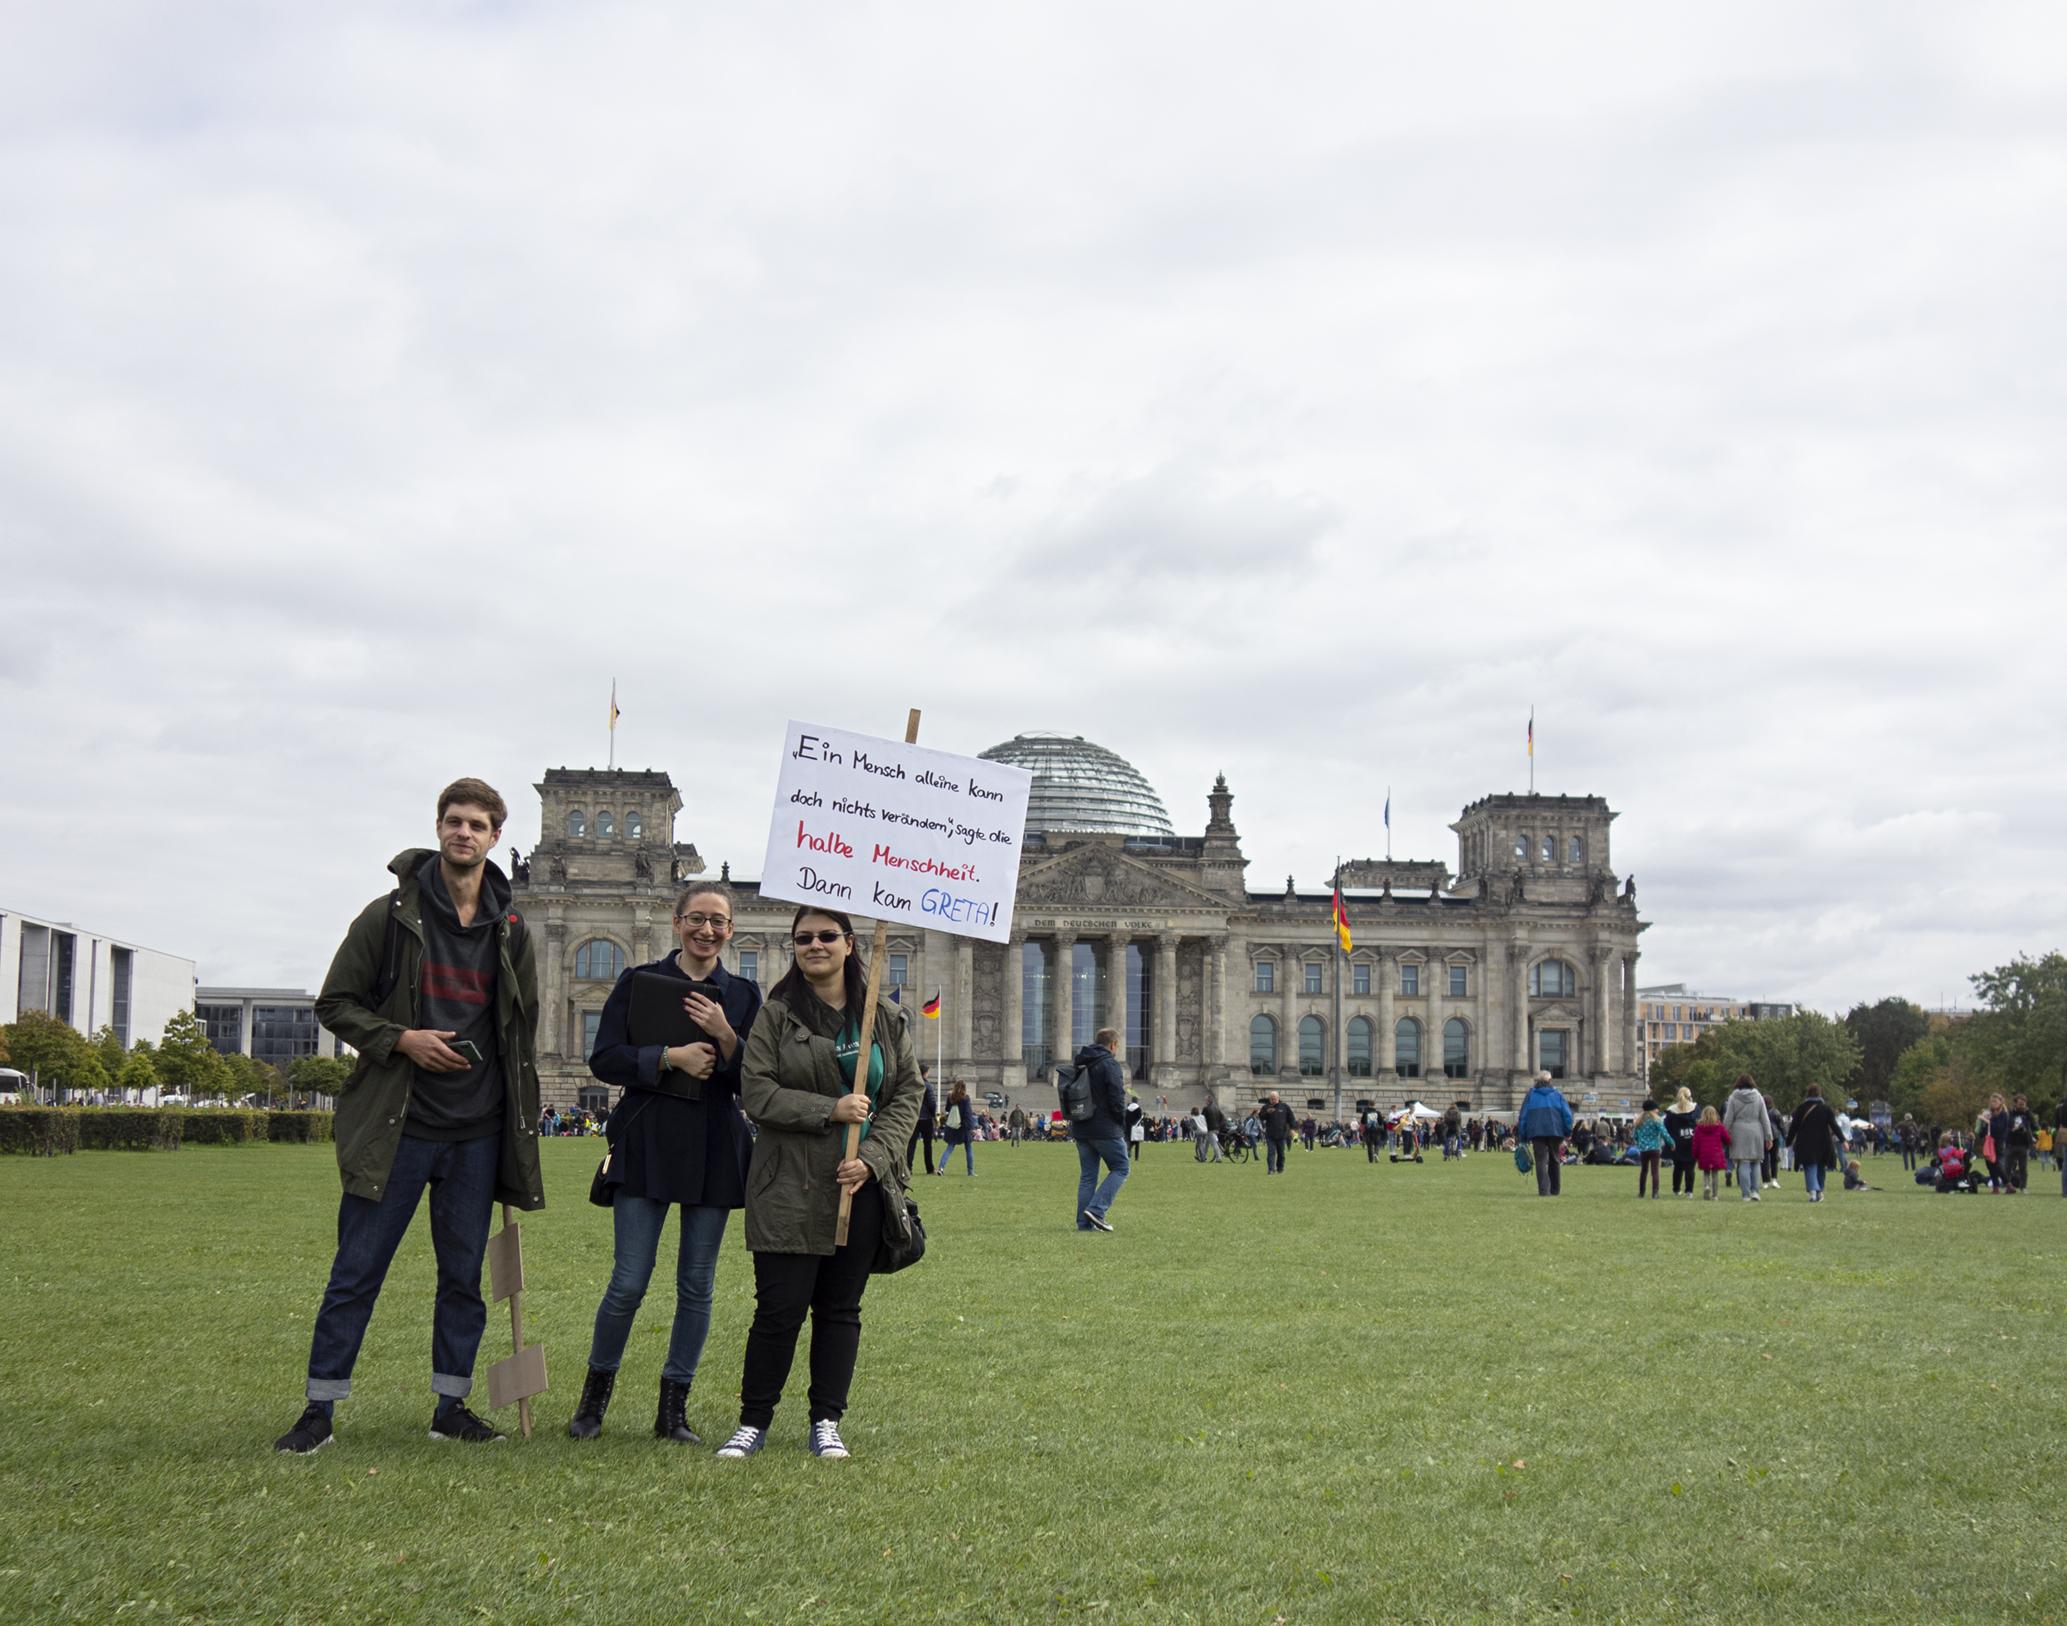 """Drei Personen stehen auf der Wiese vor dem Reichstagsgebäude. Eine der Personen hat ein Schild in der Hand. Auf dem Schild steht: """"Ein Mensch alleine kann doch nichts verändern. sagte die halbe Menschheit. Dann kam Greta."""""""